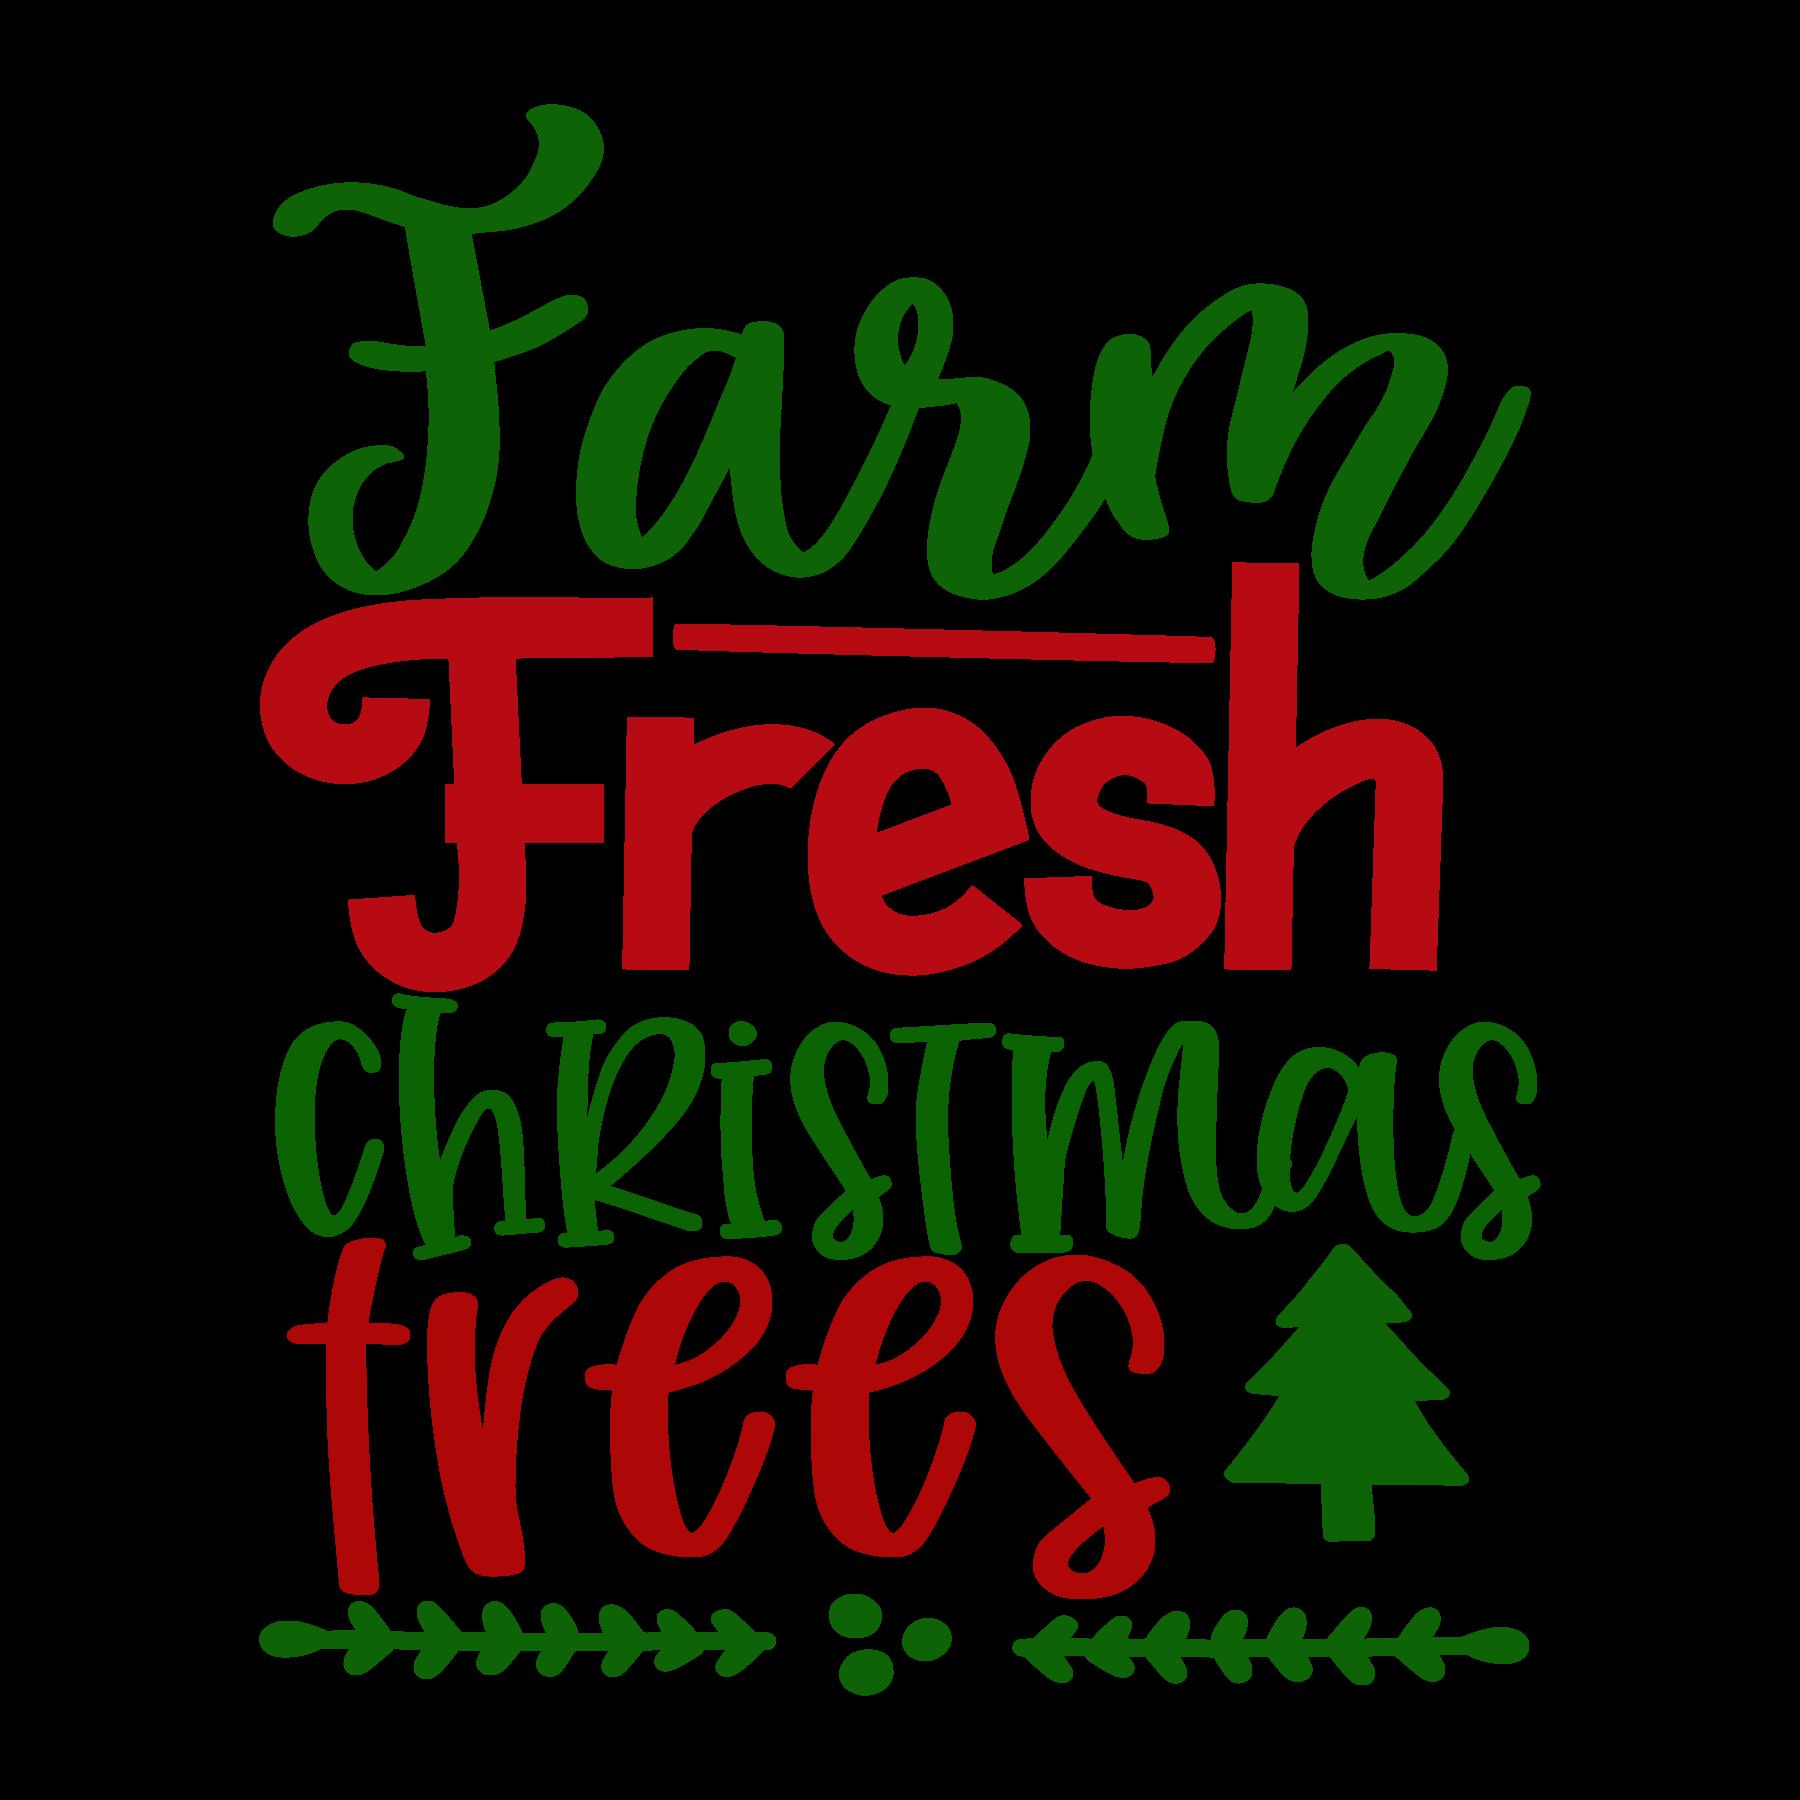 Farm Fresh Christmas Trees SVG Cut Files